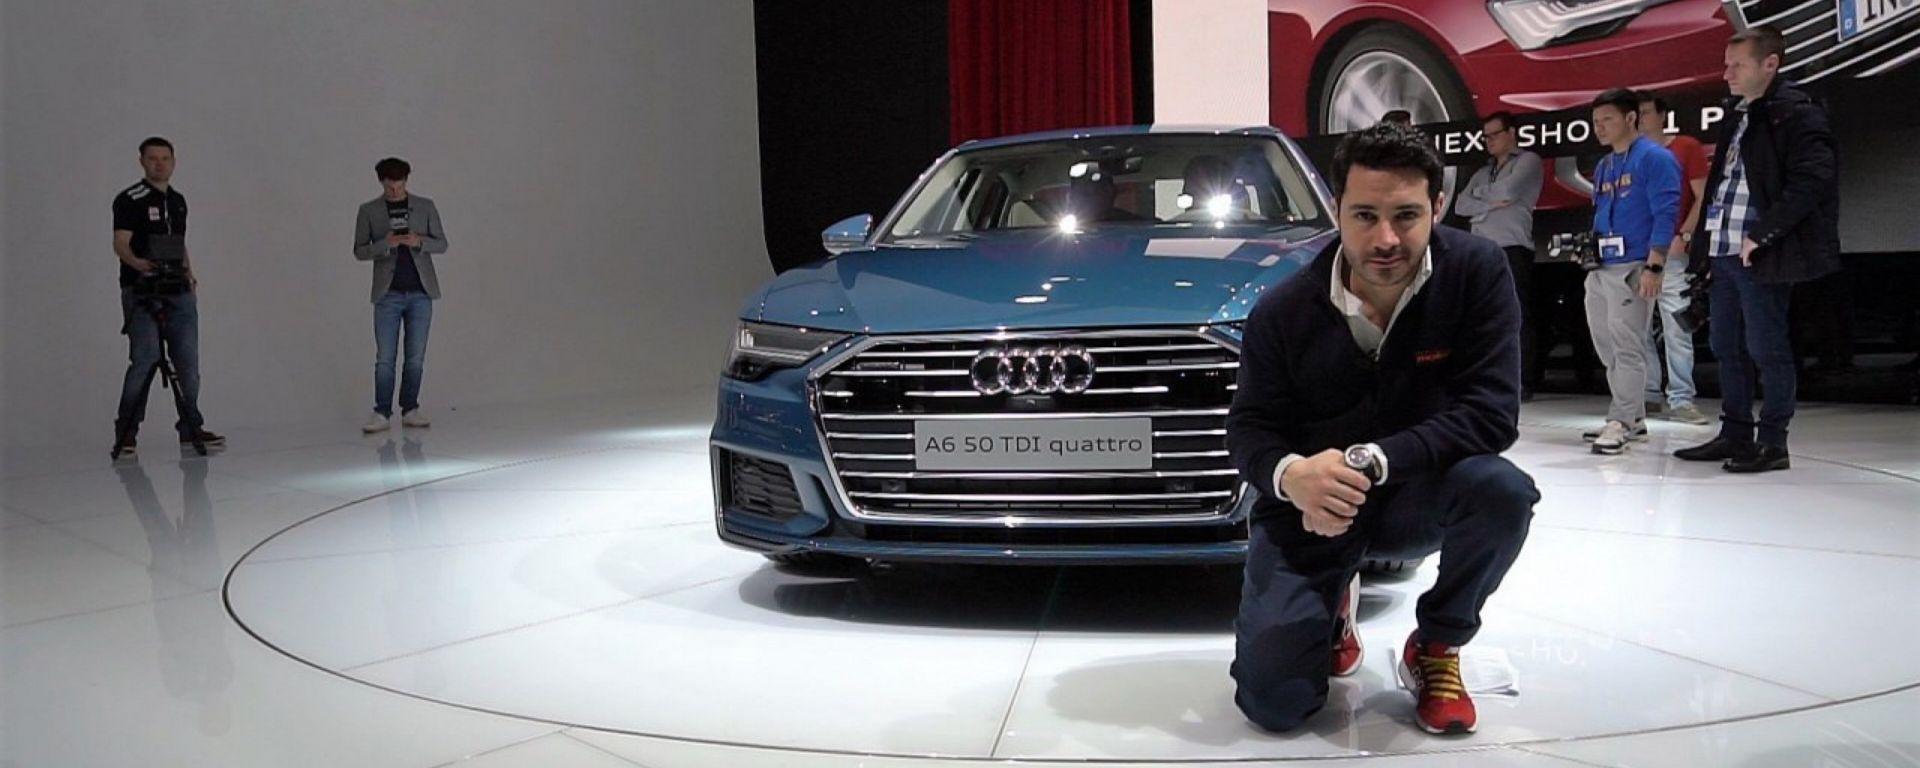 Nuova Audi A6: in video dal Salone di Ginevra 2018